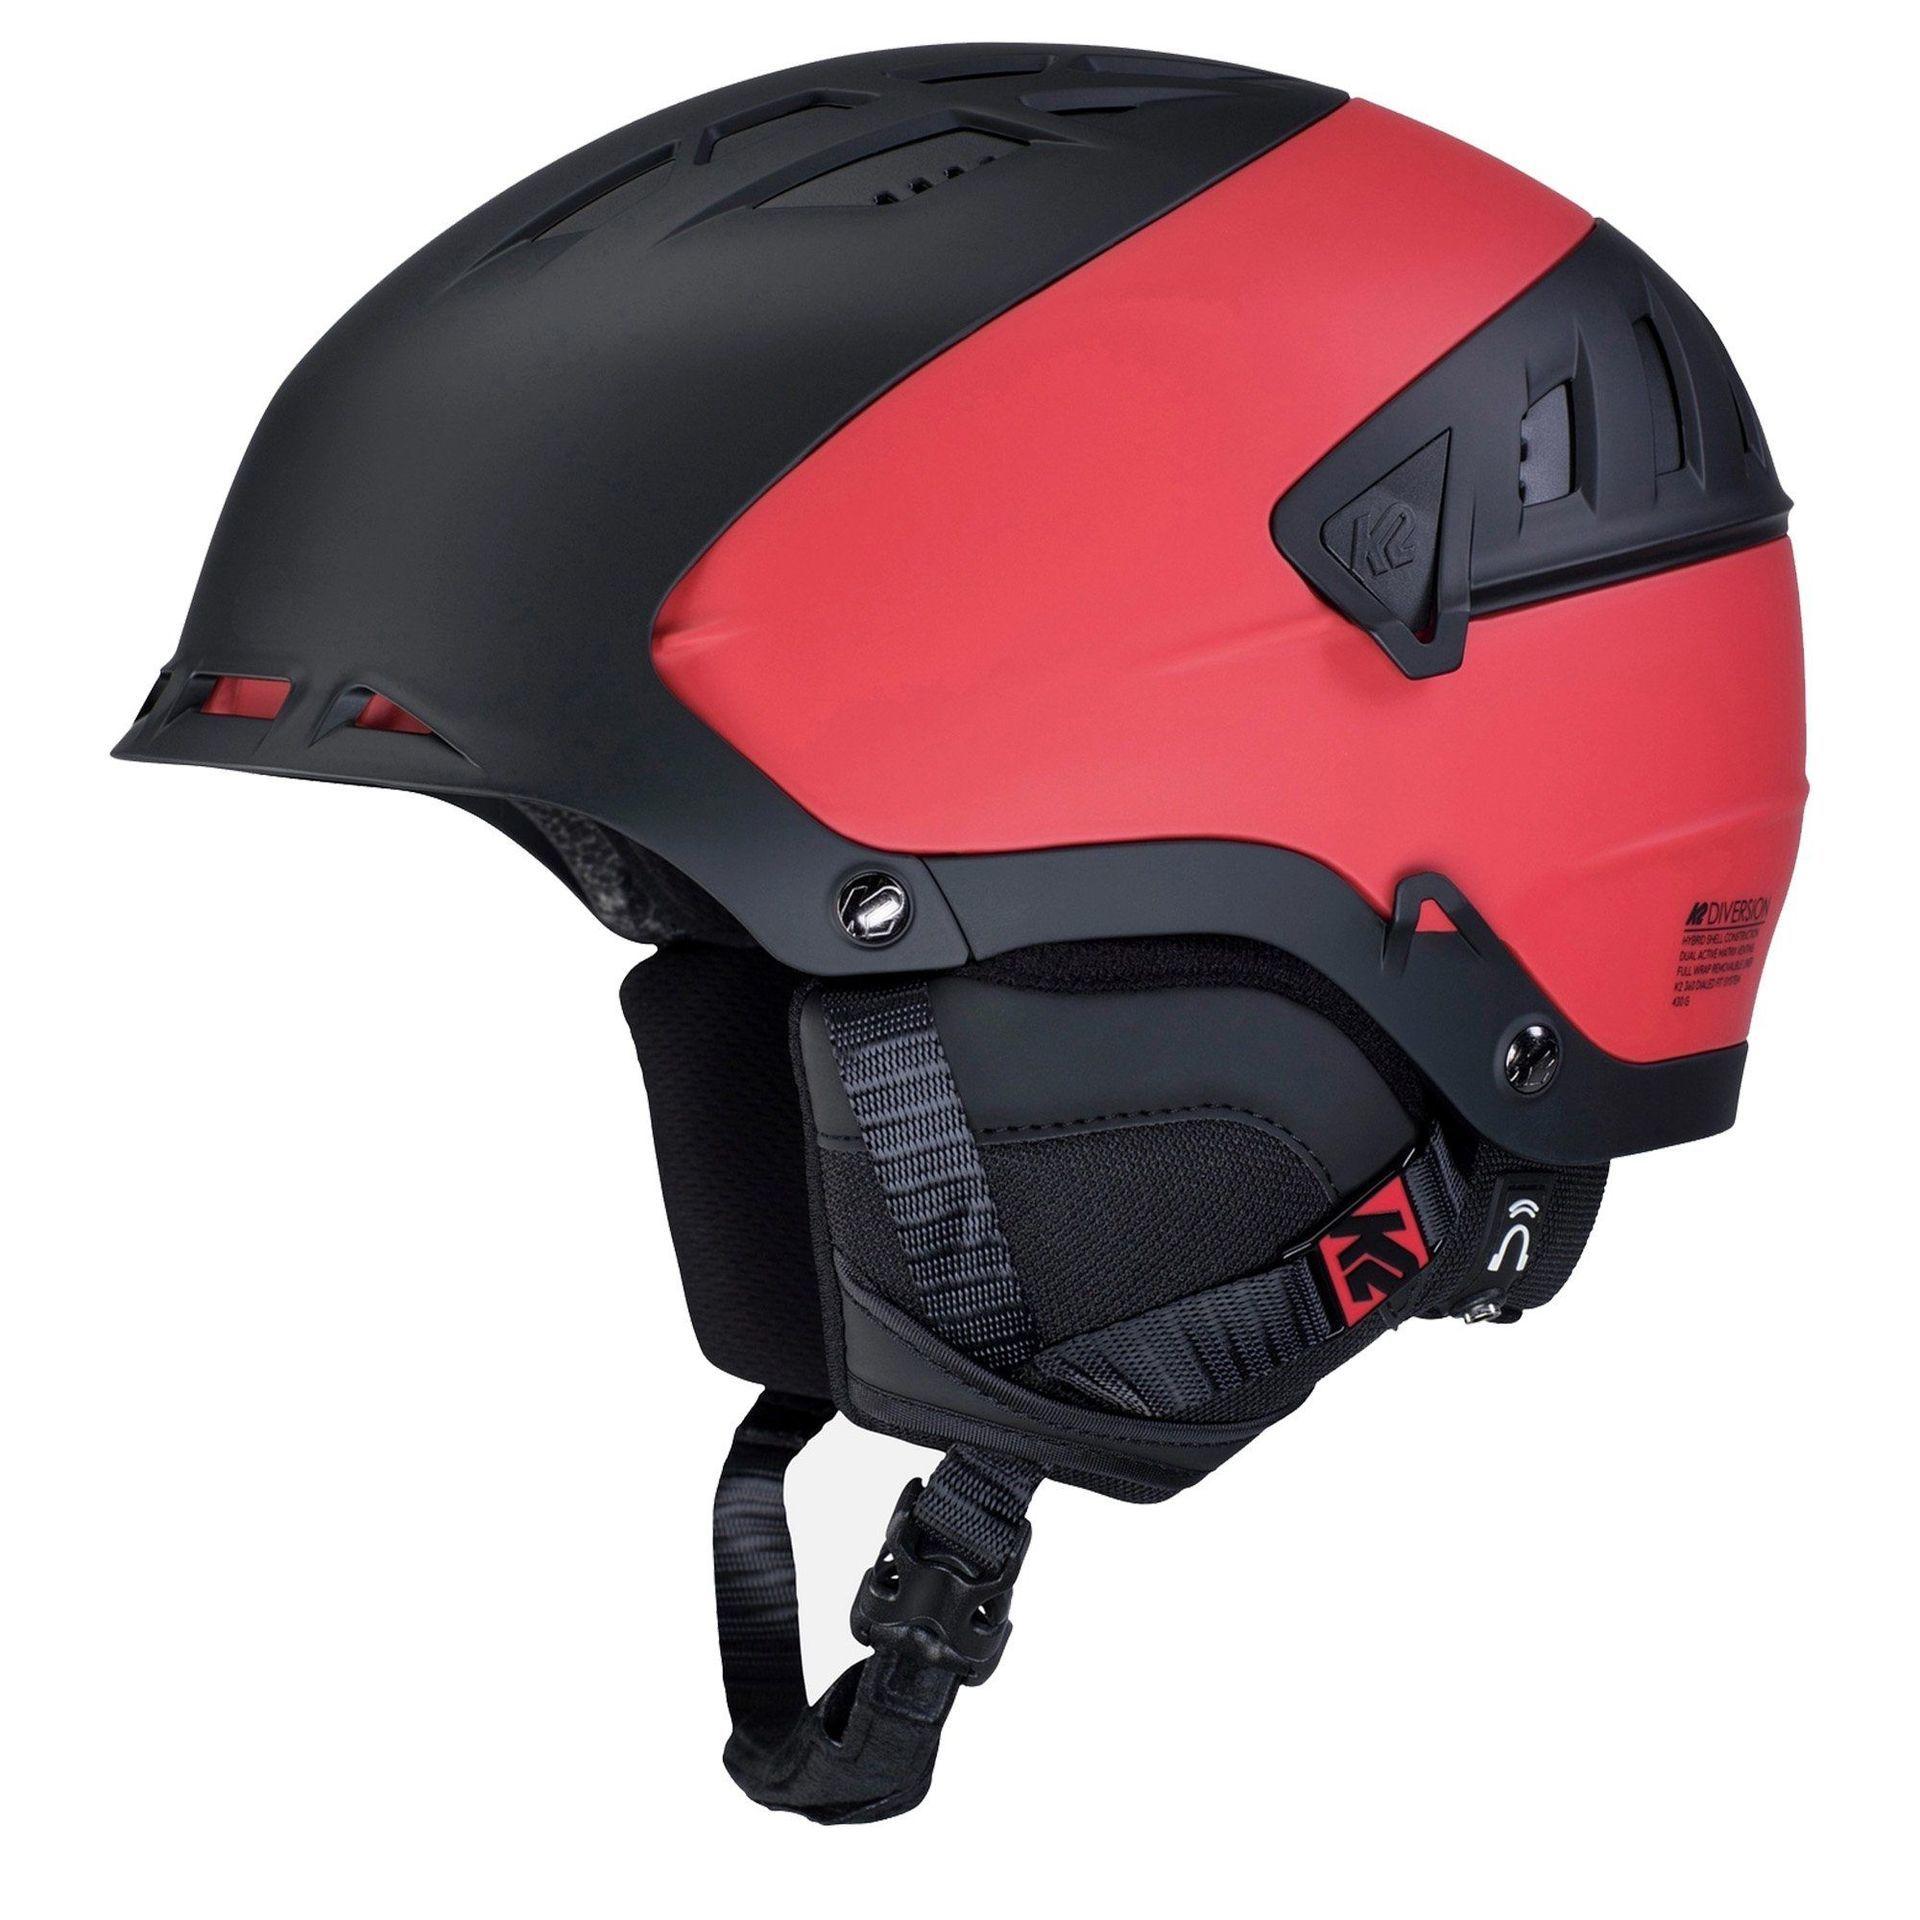 KASK K2 DIVERSION 10D4000-42 BLACK RED